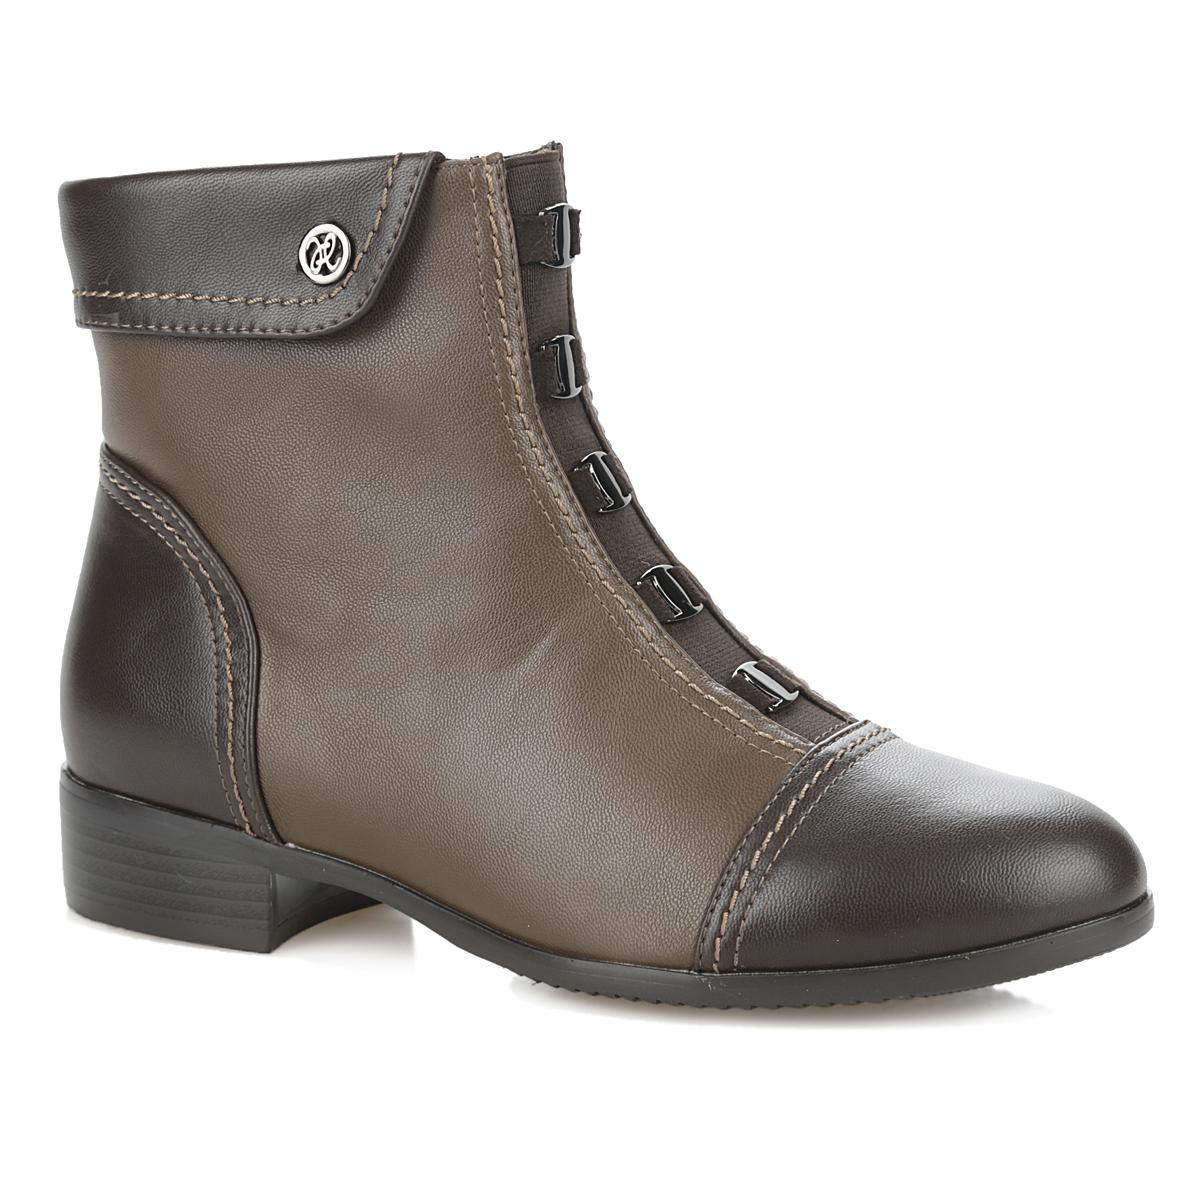 Ботинки женские. 35-76-05D135-76-05D1Оригинальные женские ботинки от Makfly - отличный вариант на каждый день. Модель изготовлена из искусственной кожи. Подкладка и стелька - из мягкой байки, защитят ноги от холода и обеспечат комфорт. Верх голенища дополнен декорированным отворотом. Подъем украшен небольшими декоративными элементами. Мыс изделия и пятка декорированы кожей контрастного цвета. Умеренной высоты каблук устойчив. Подошва из термопластичной резины с рельефным протектором обеспечивает отличное сцепление на любой поверхности. В этих ботинках вашим ногам будет комфортно и уютно. Они подчеркнут ваш стиль и индивидуальность.